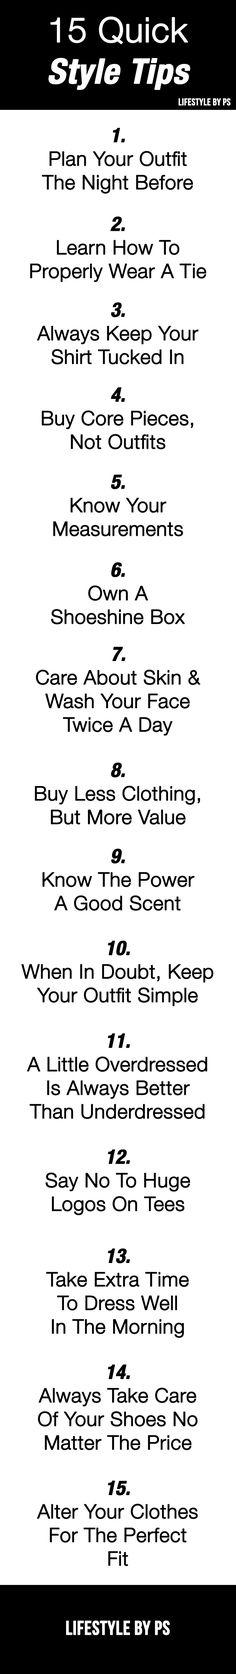 15 style tips for men